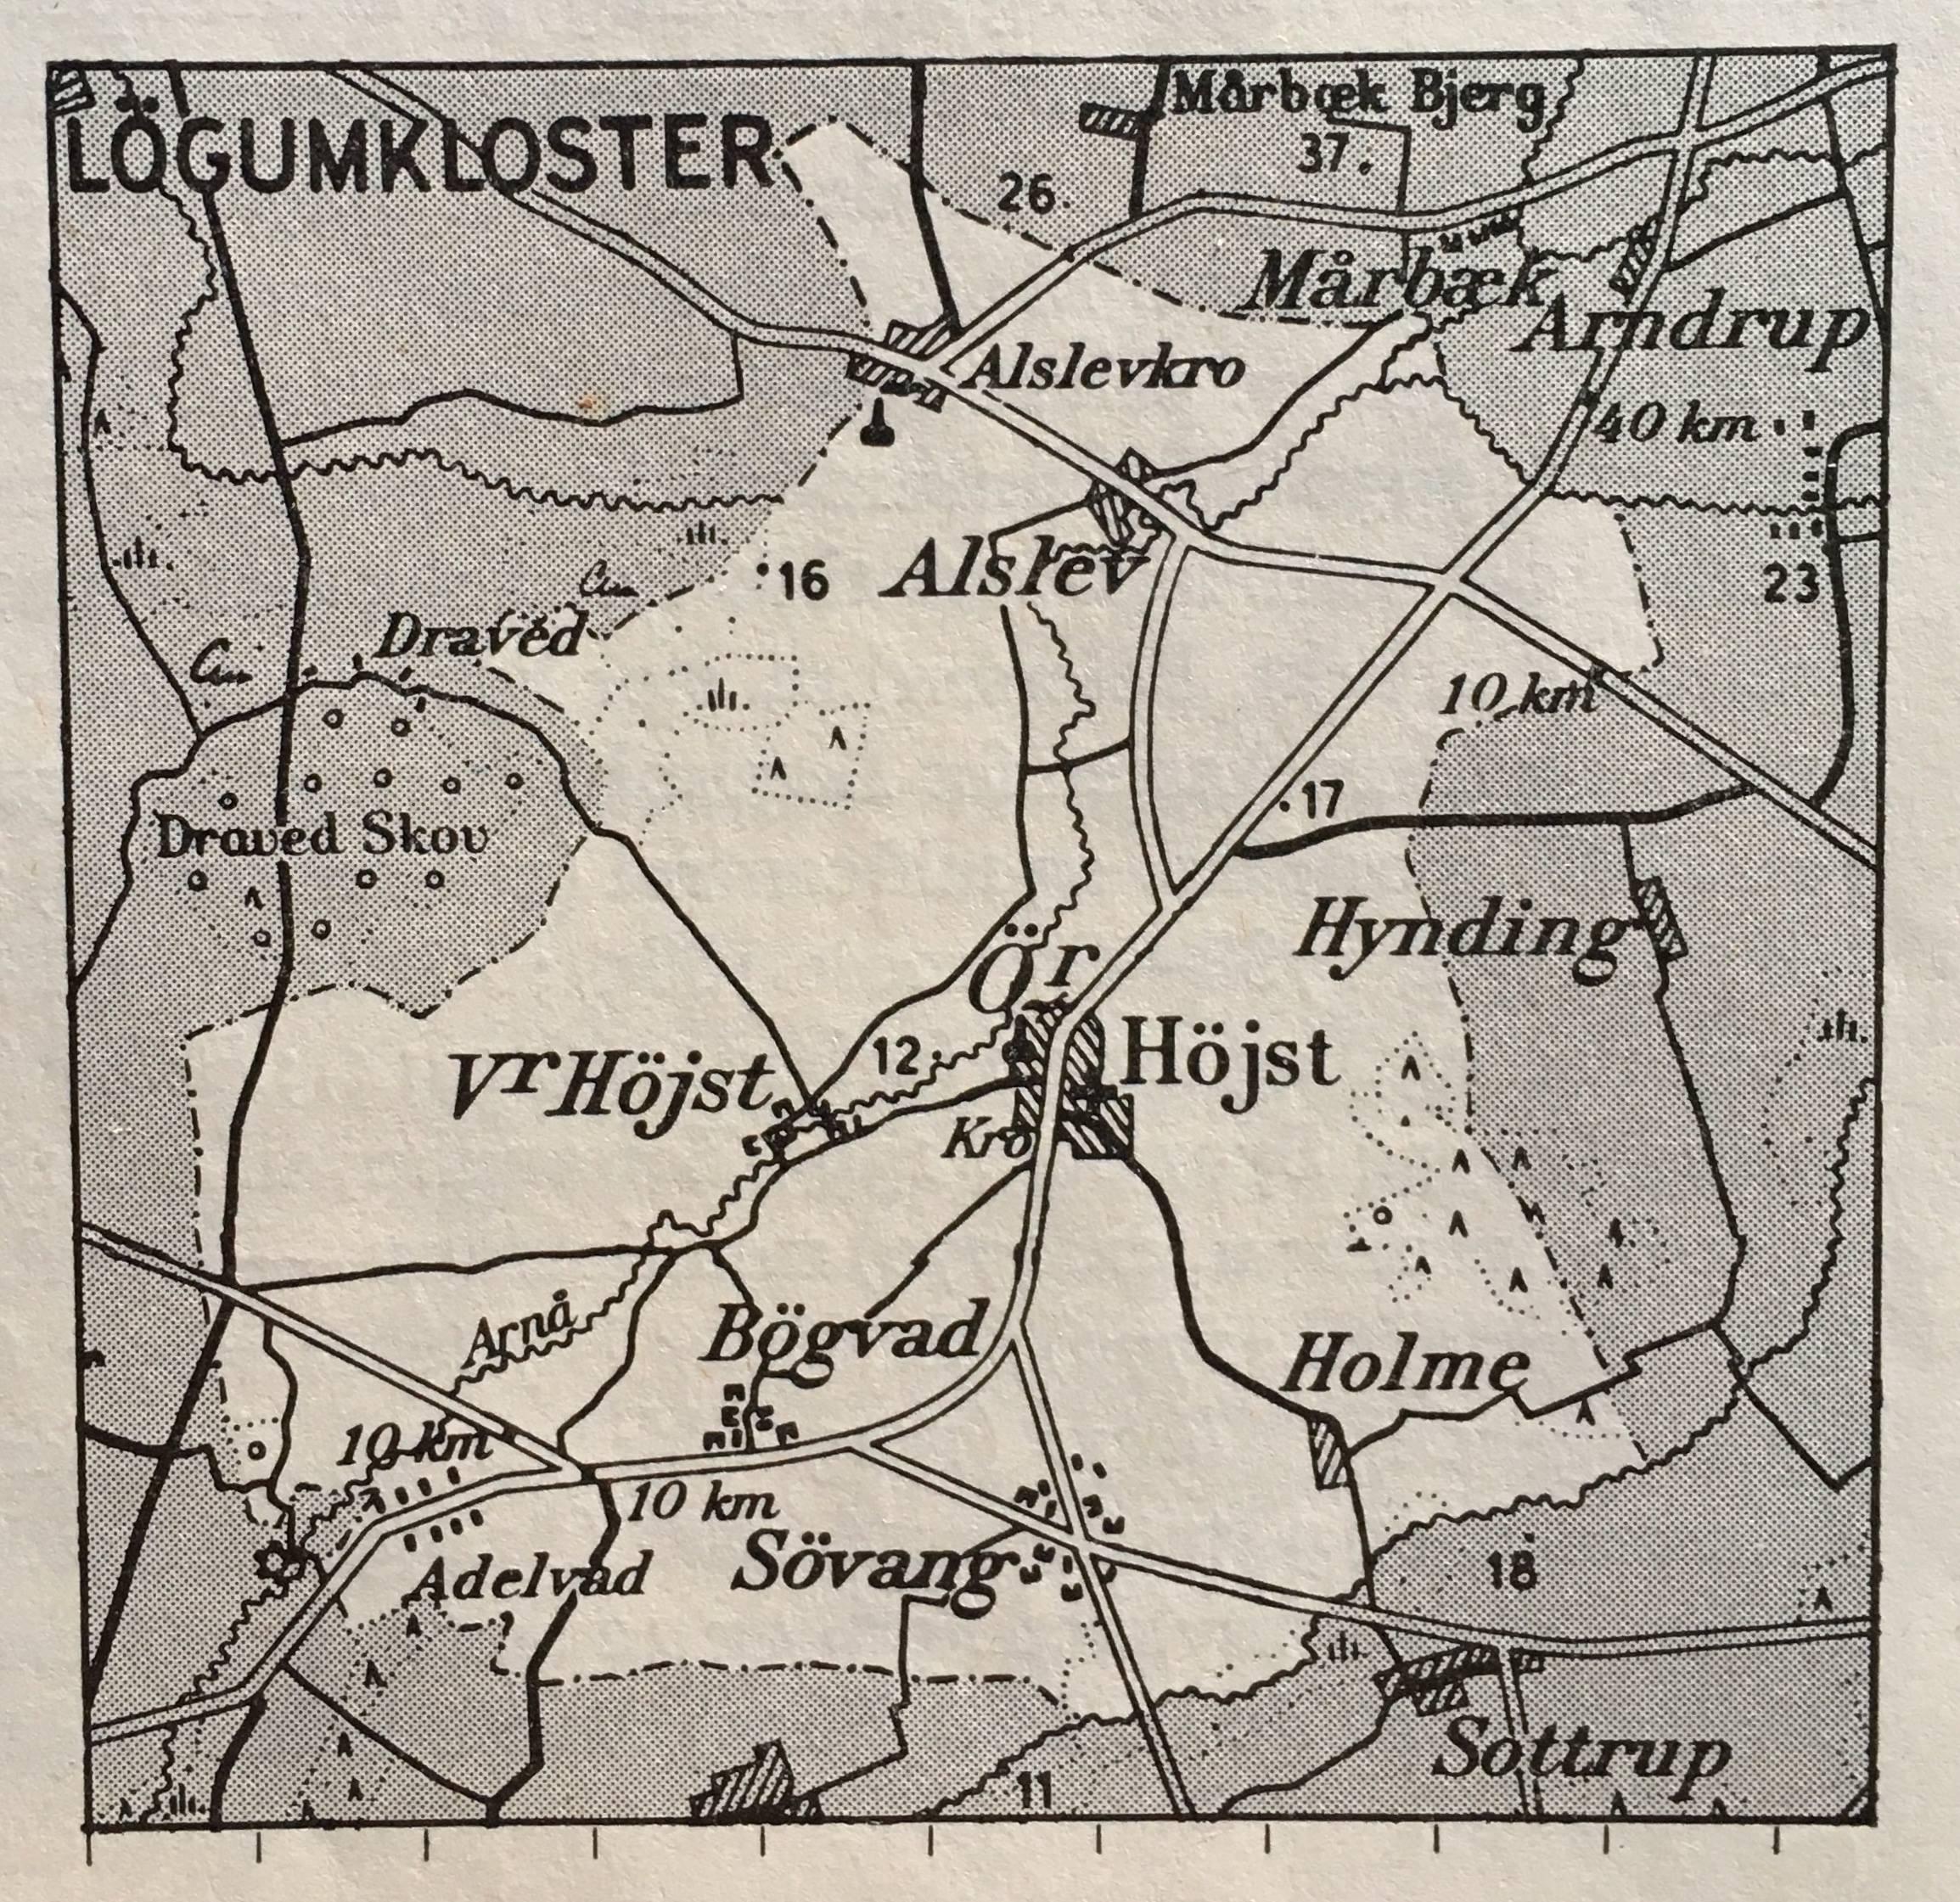 Historiske Hojst Oster Hojst